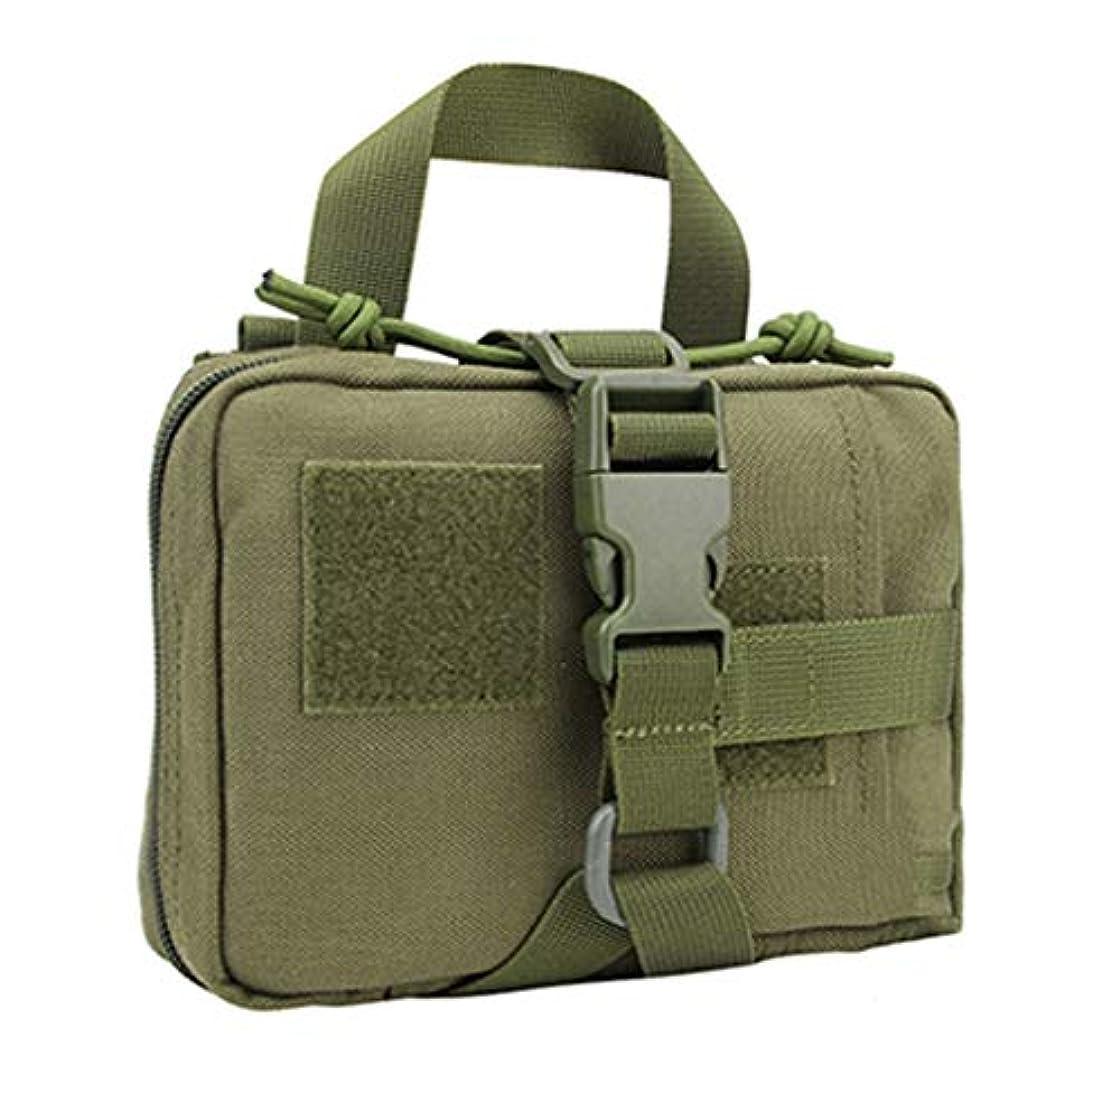 支援する抜本的な素晴らしさ屋外戦術医療キットポータブルサバイバル緊急パッケージナイロン医療収納袋/黒、茶色、緑/ 18 x 14 x 5 cm LXMSP (Color : Green)